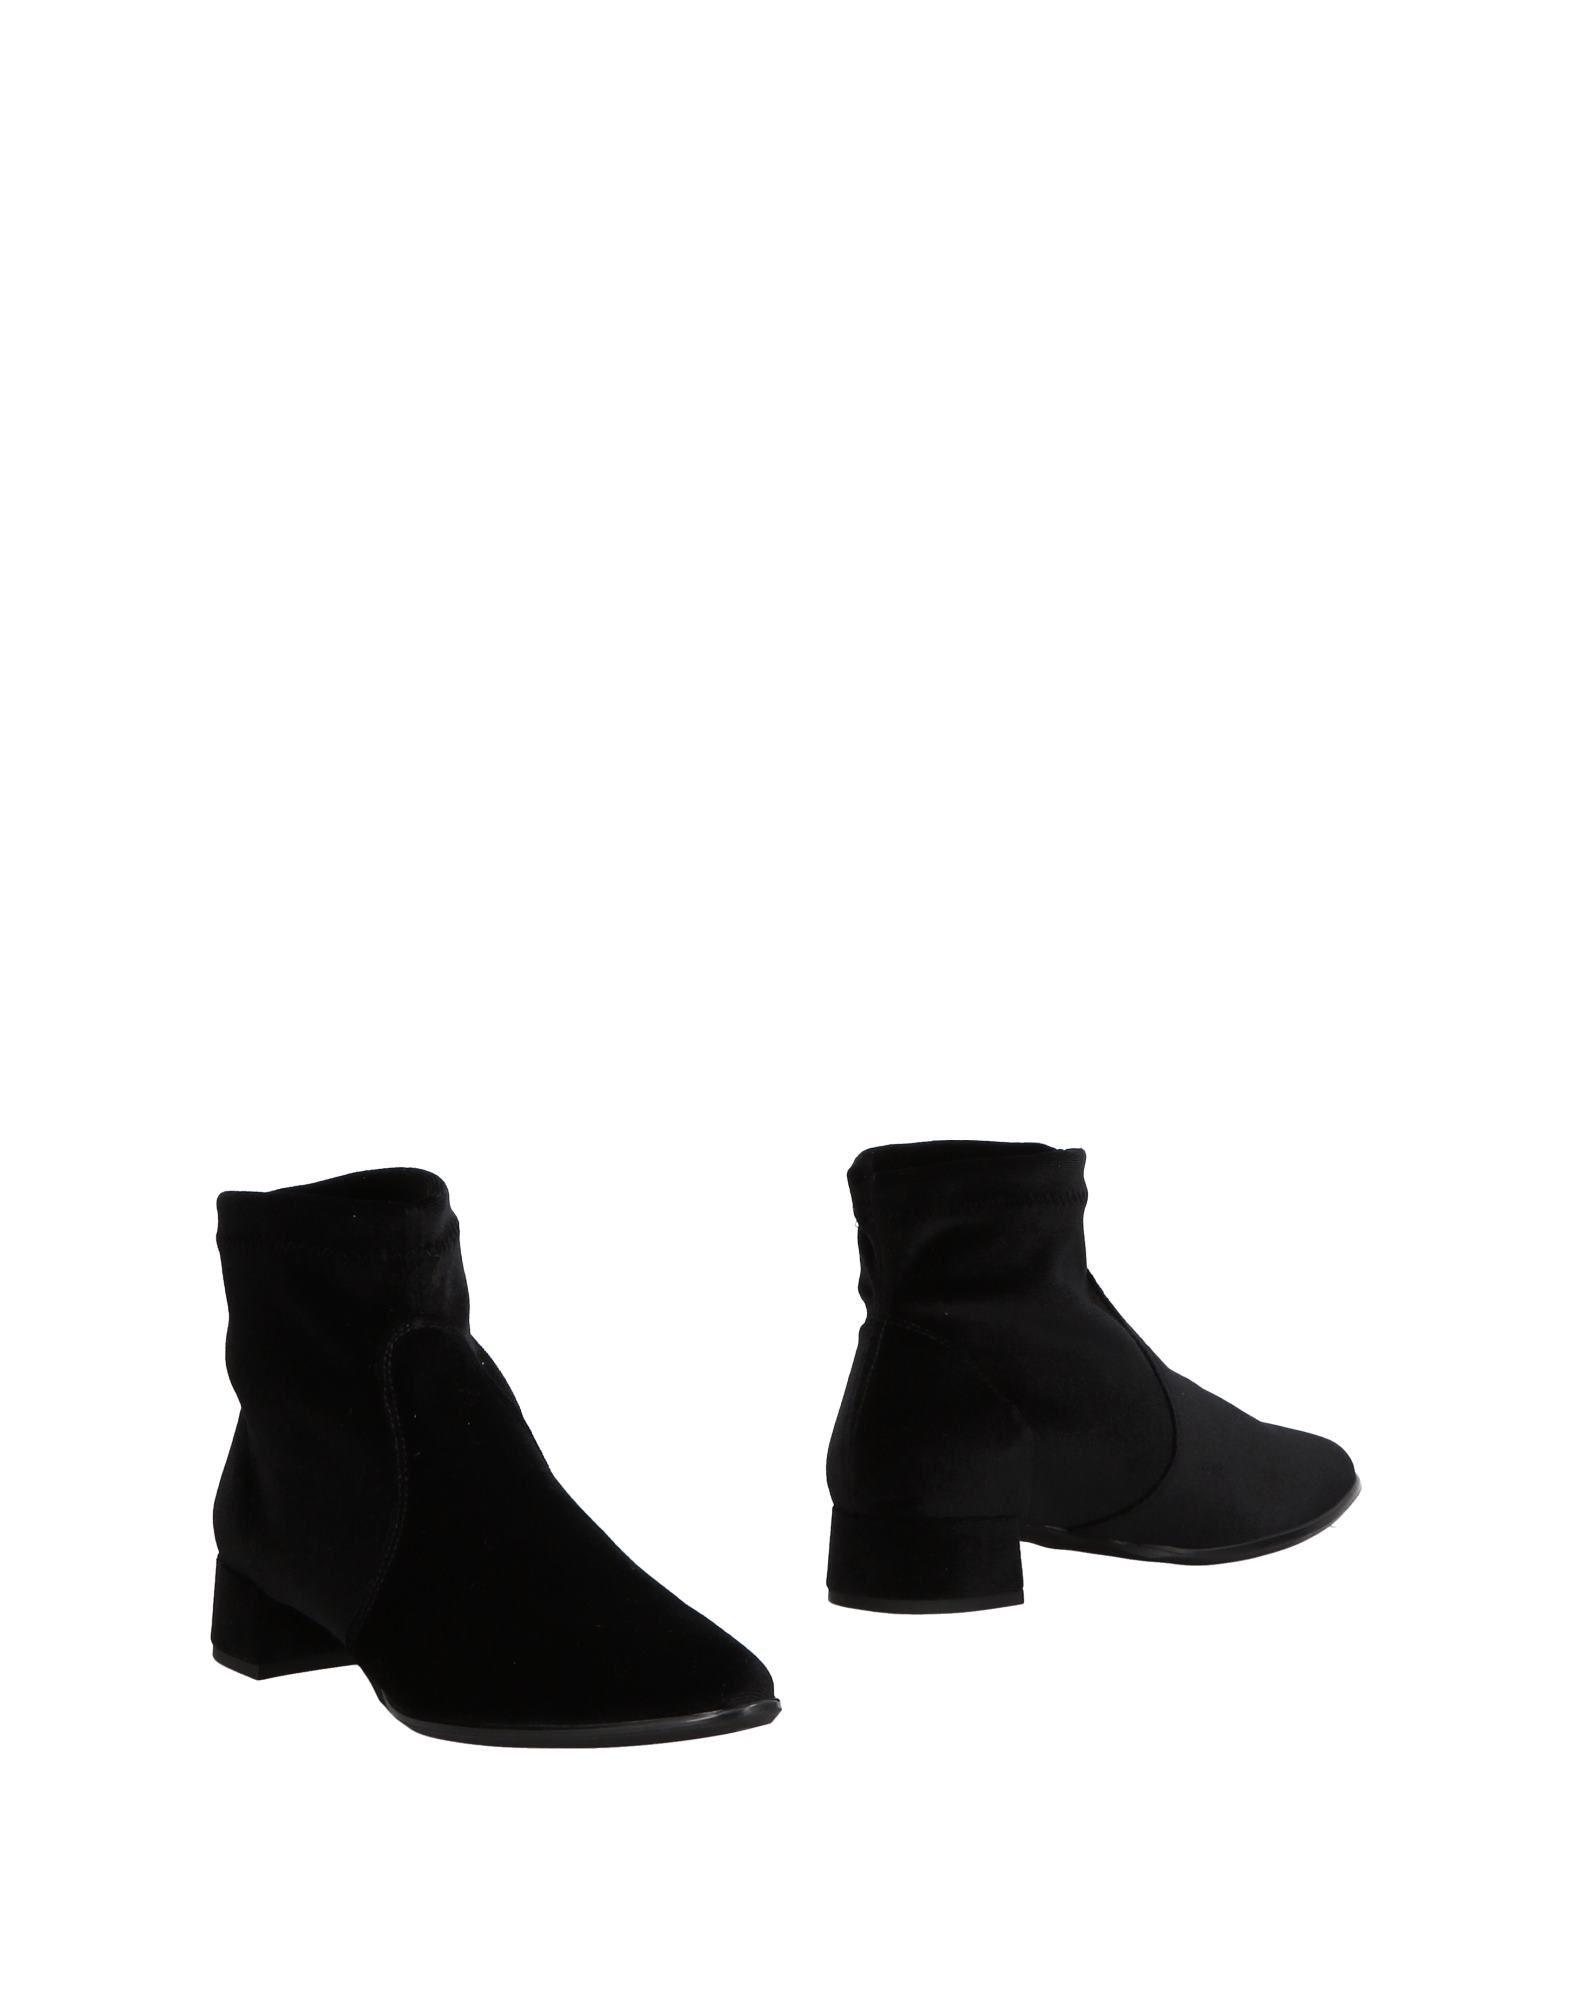 Nr Rapisardi Stiefelette Damen  11504936PK Gute Qualität beliebte Schuhe